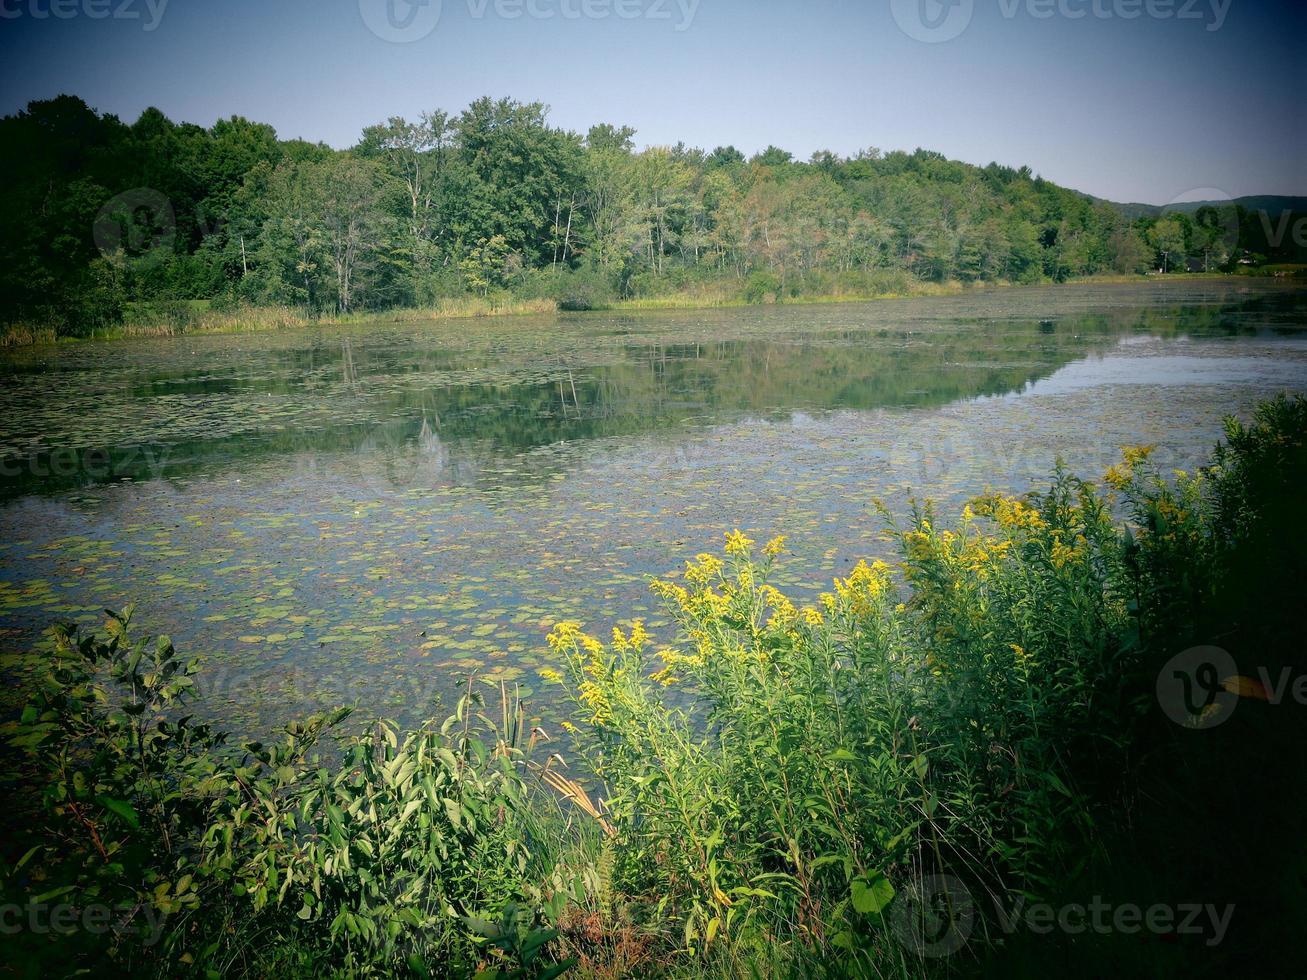 lago cheshire foto